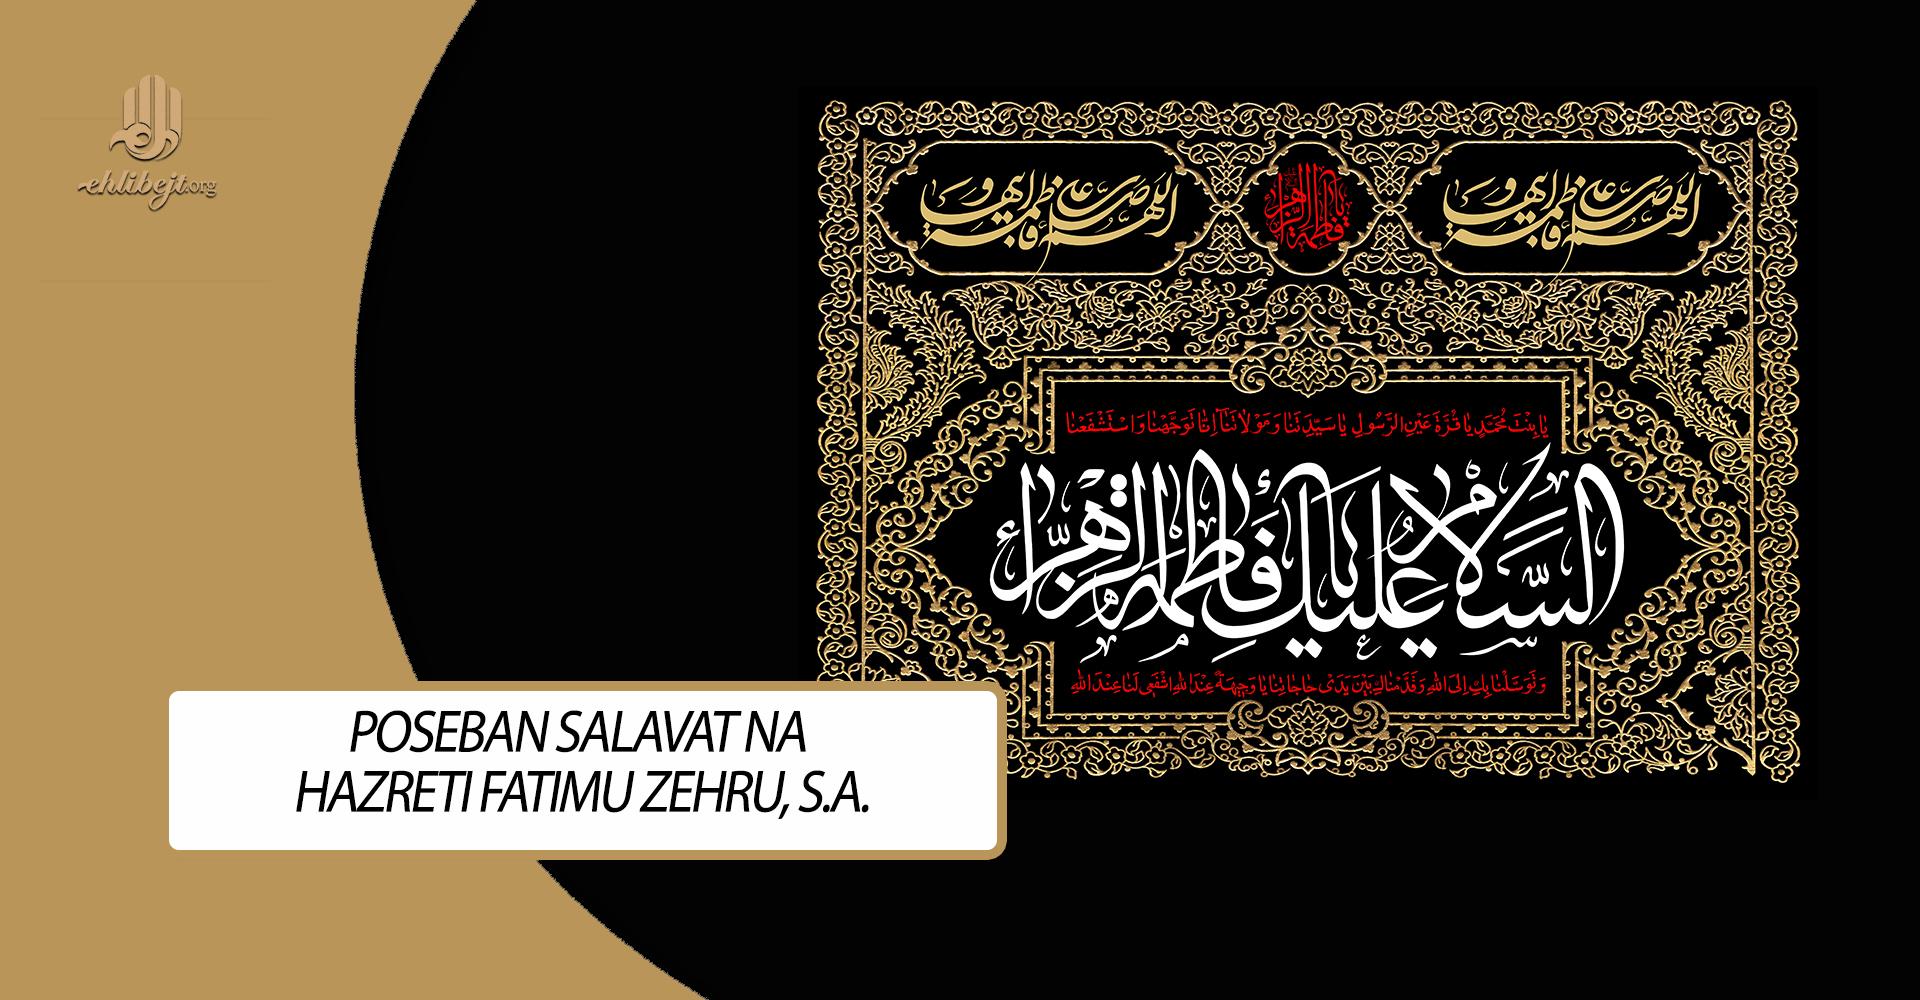 Poseban salavat na hazreti Fatimu Zehru, s.a.